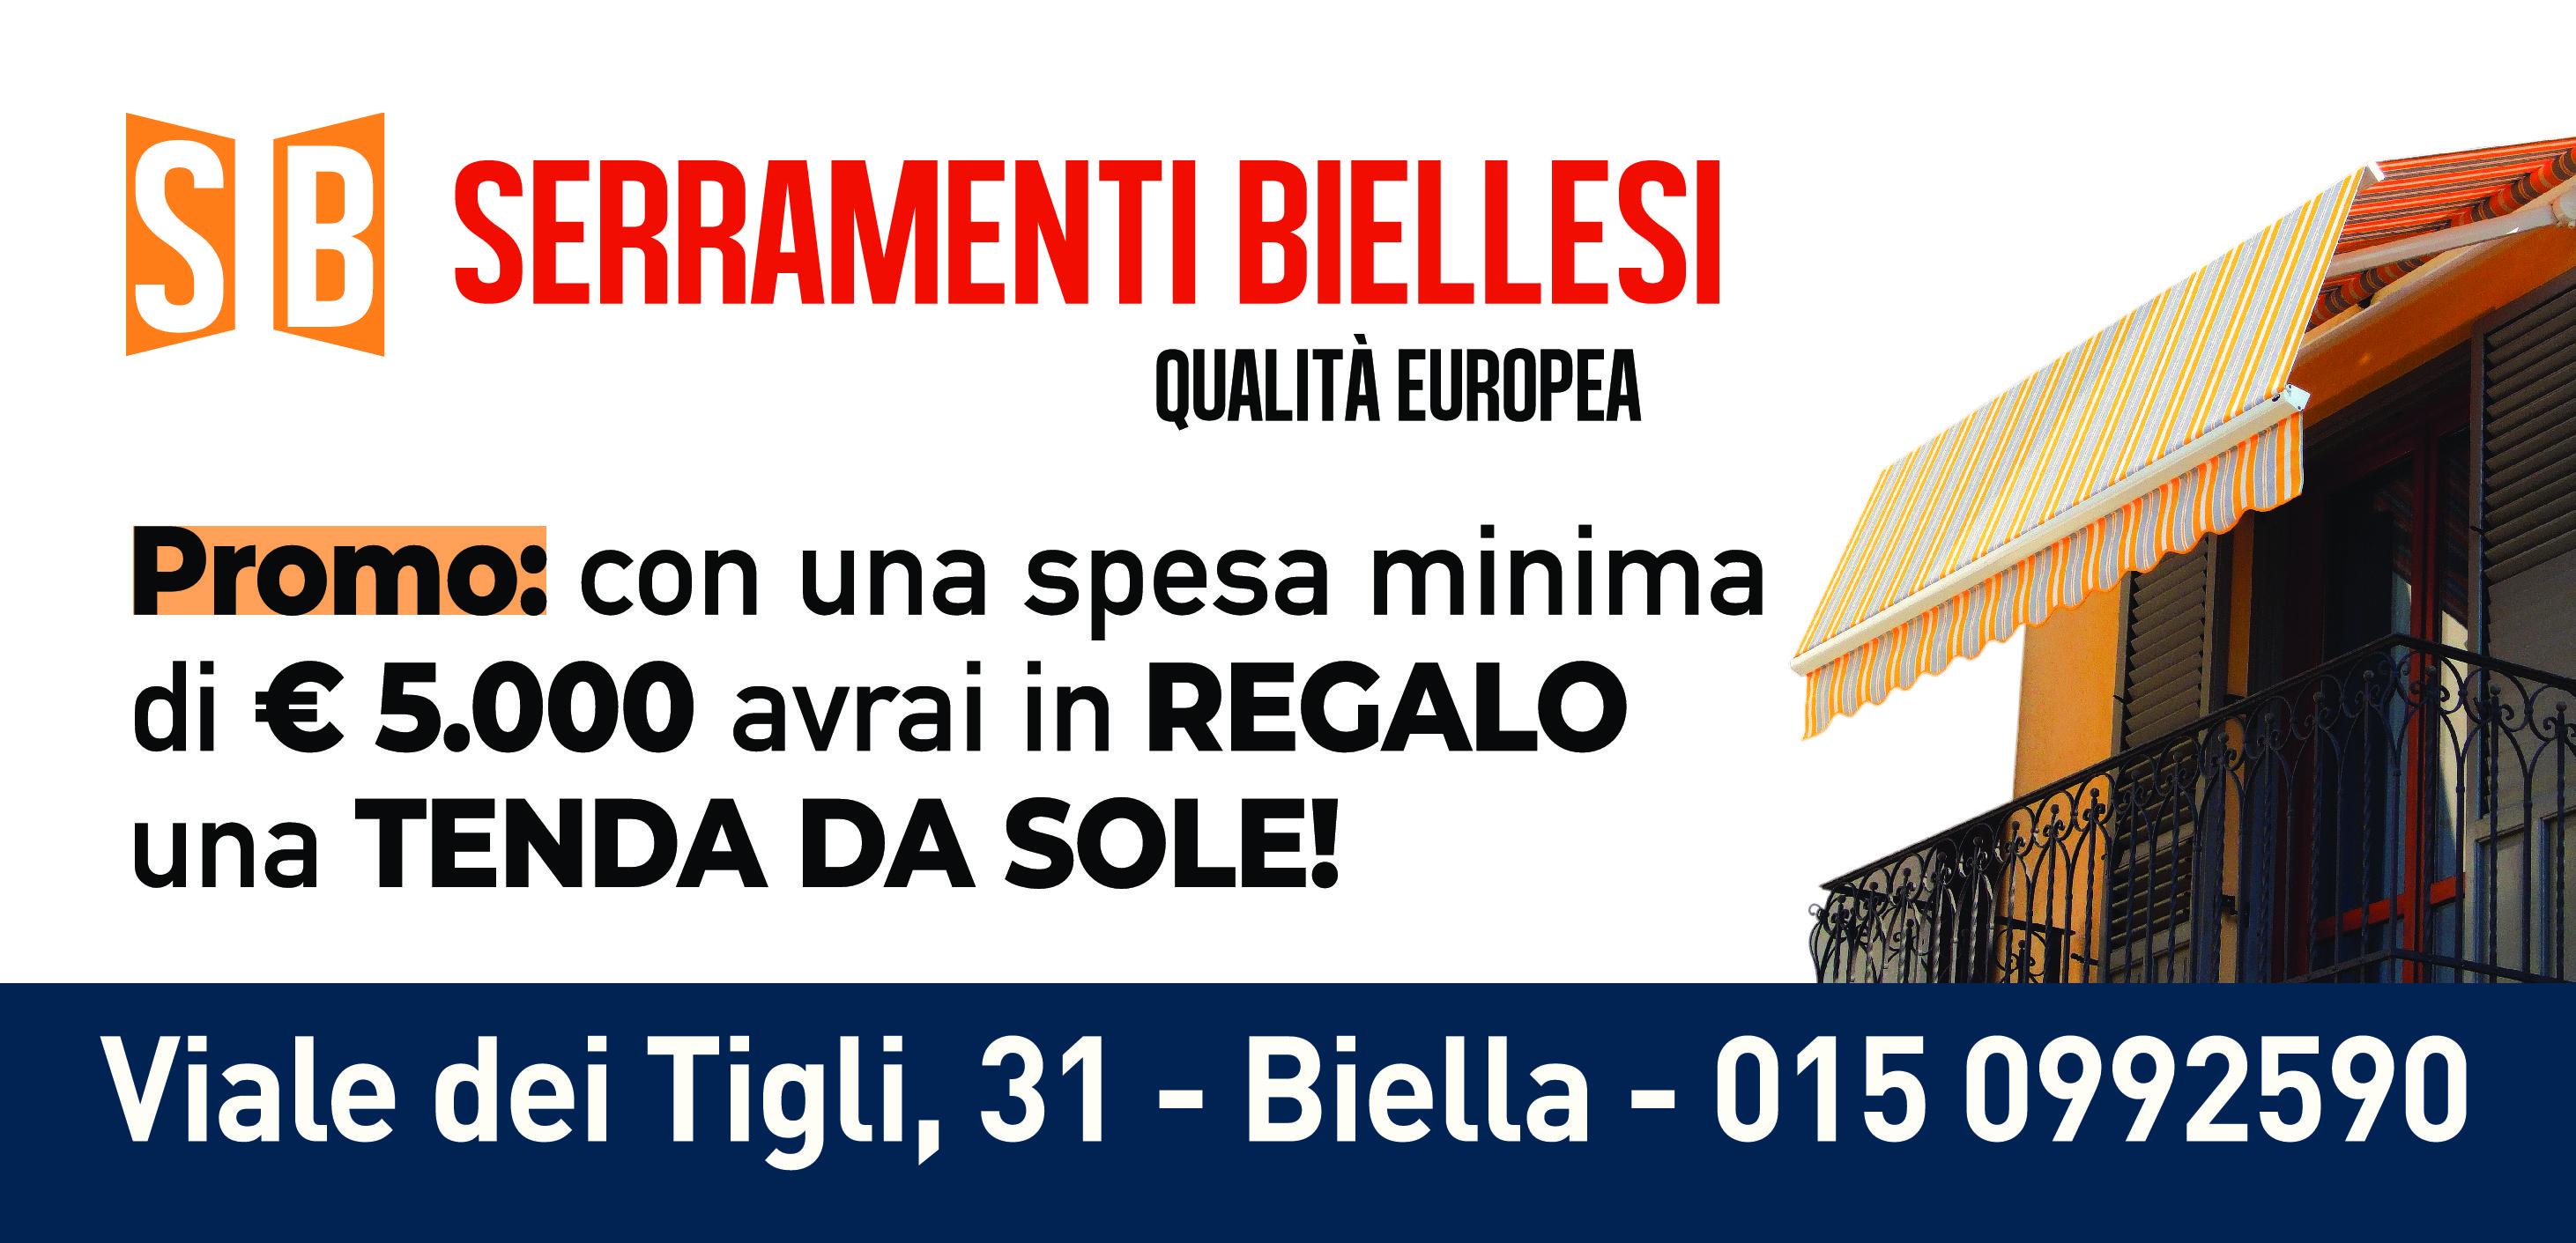 Offerte Tende Da Sole.Offerta Tende Da Sole Con Fornitura Di Infissi Da 5000 Euro Tenda In